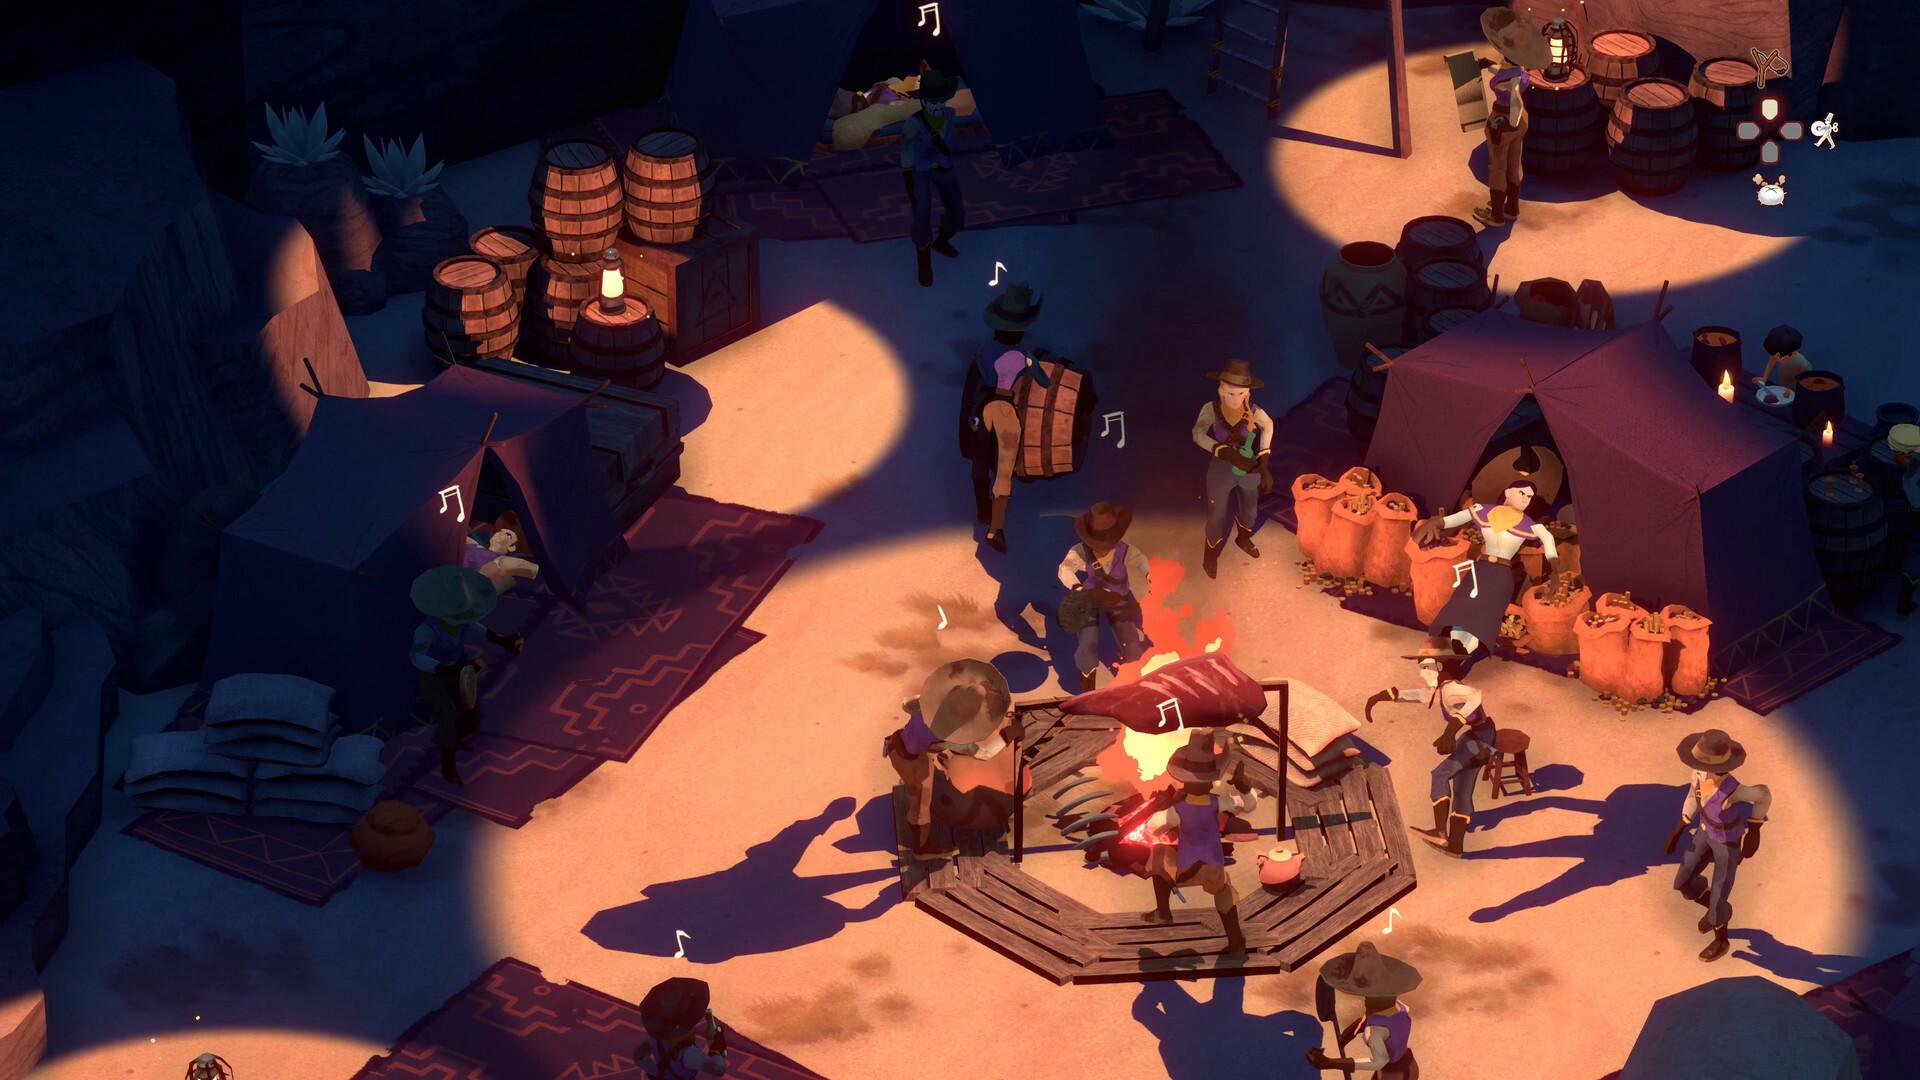 el-hijo-a-wild-west-tale-pc-screenshot-04